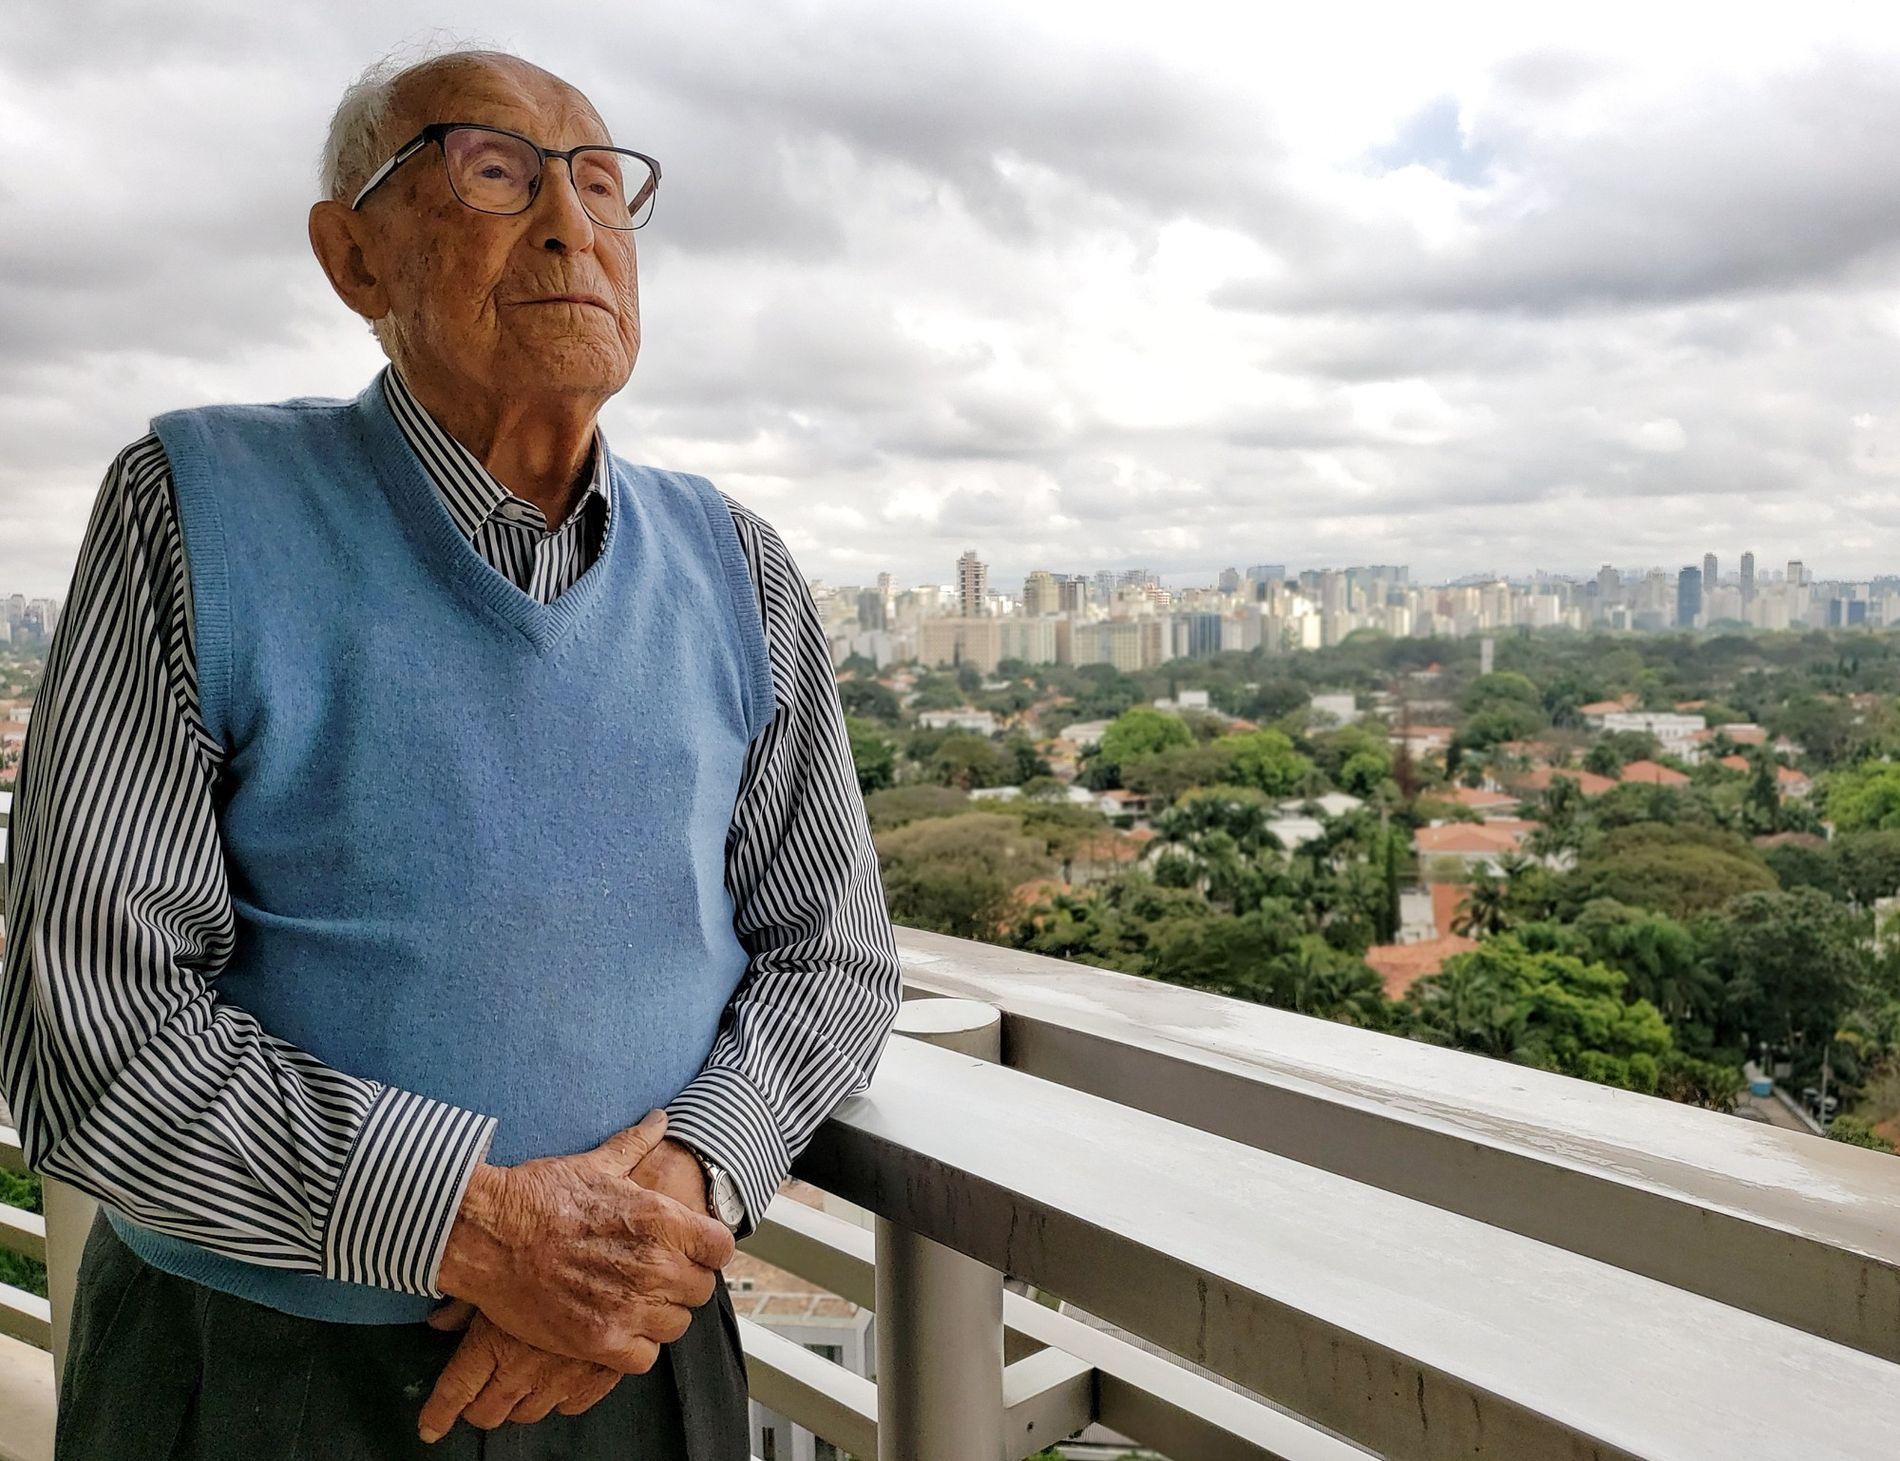 """Aos 96 anos, Kiwa mira a cidade São Paulo da sacada de seu apartamento:""""O Brasil me ..."""